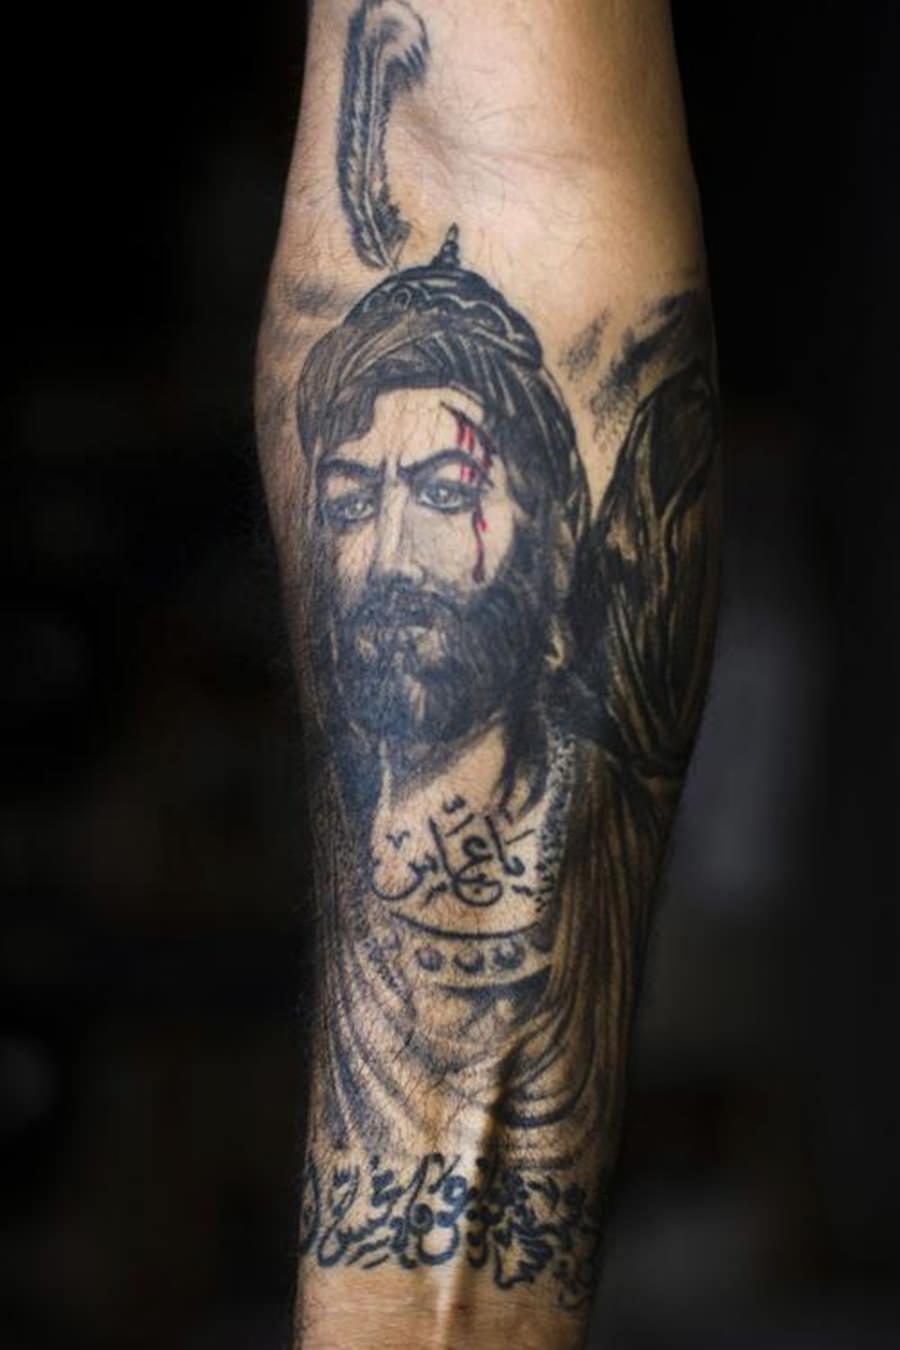 Tatuagem religiosa representativo ao Islã